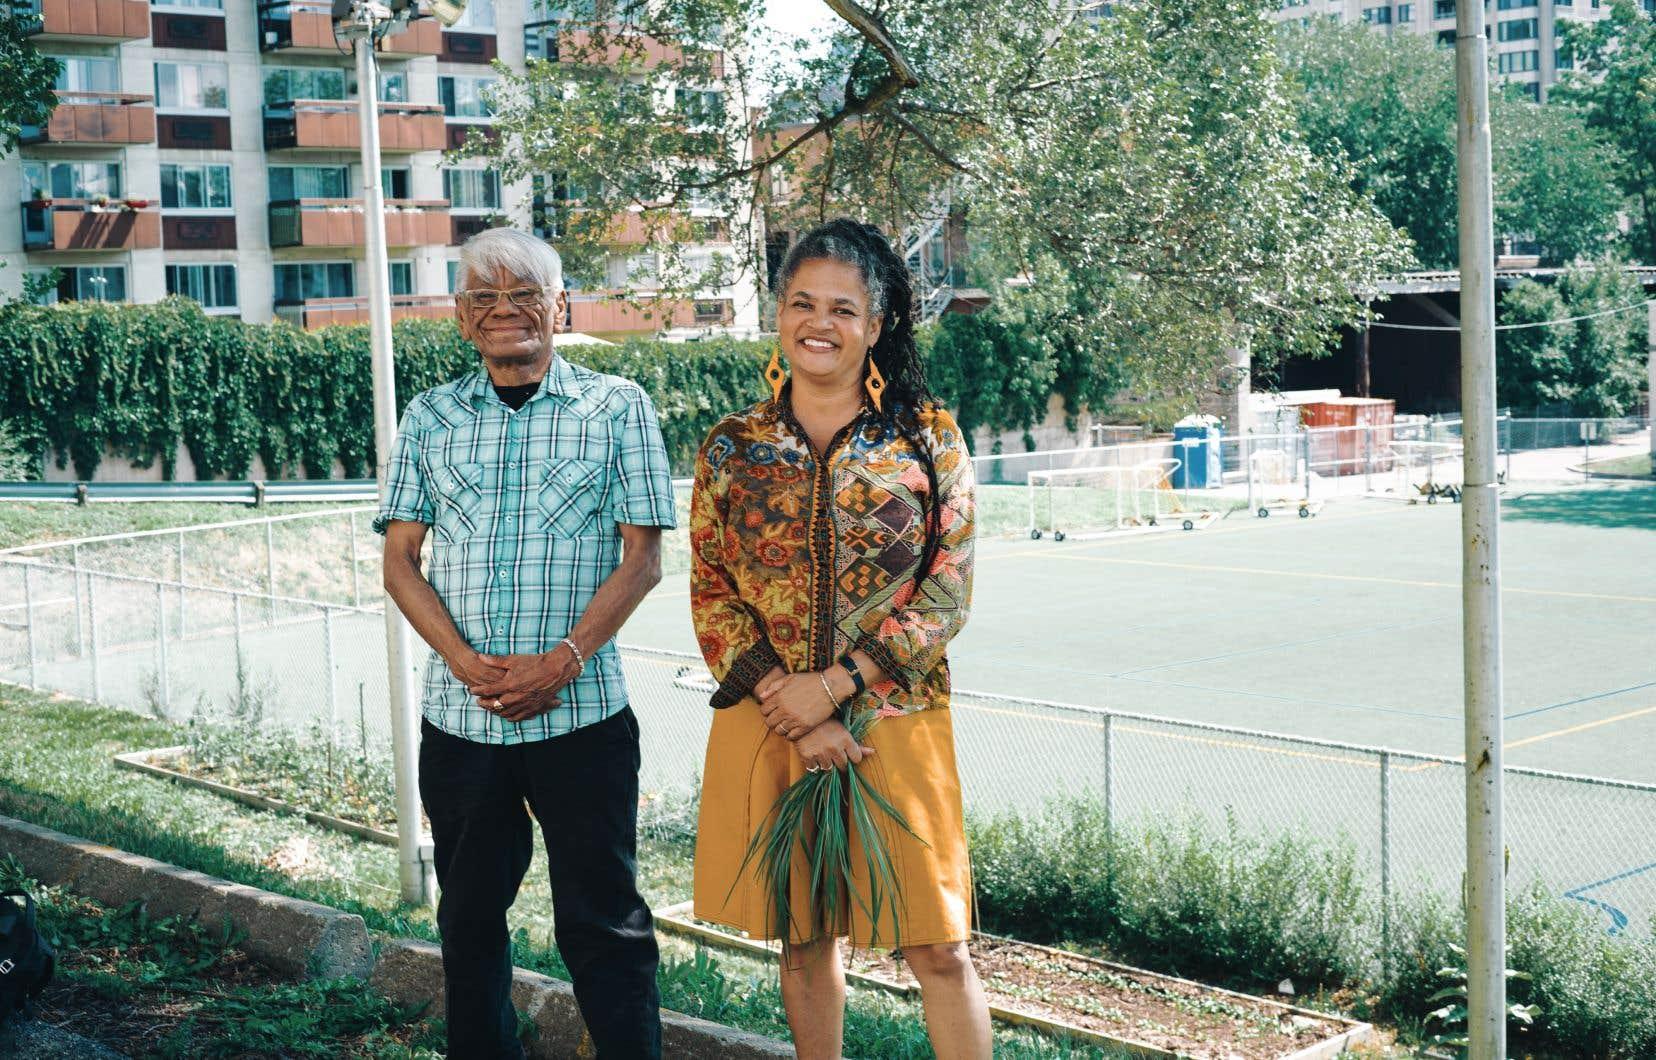 Harvey Michele, président du Centre de santé autochtone de Montréal en devenir, et Pascale Kaniasta Annoual, responsable du dossier au Réseau et cofondatrice du Centre de santé, dénoncent l'inaction gouvernementale dans le projet.